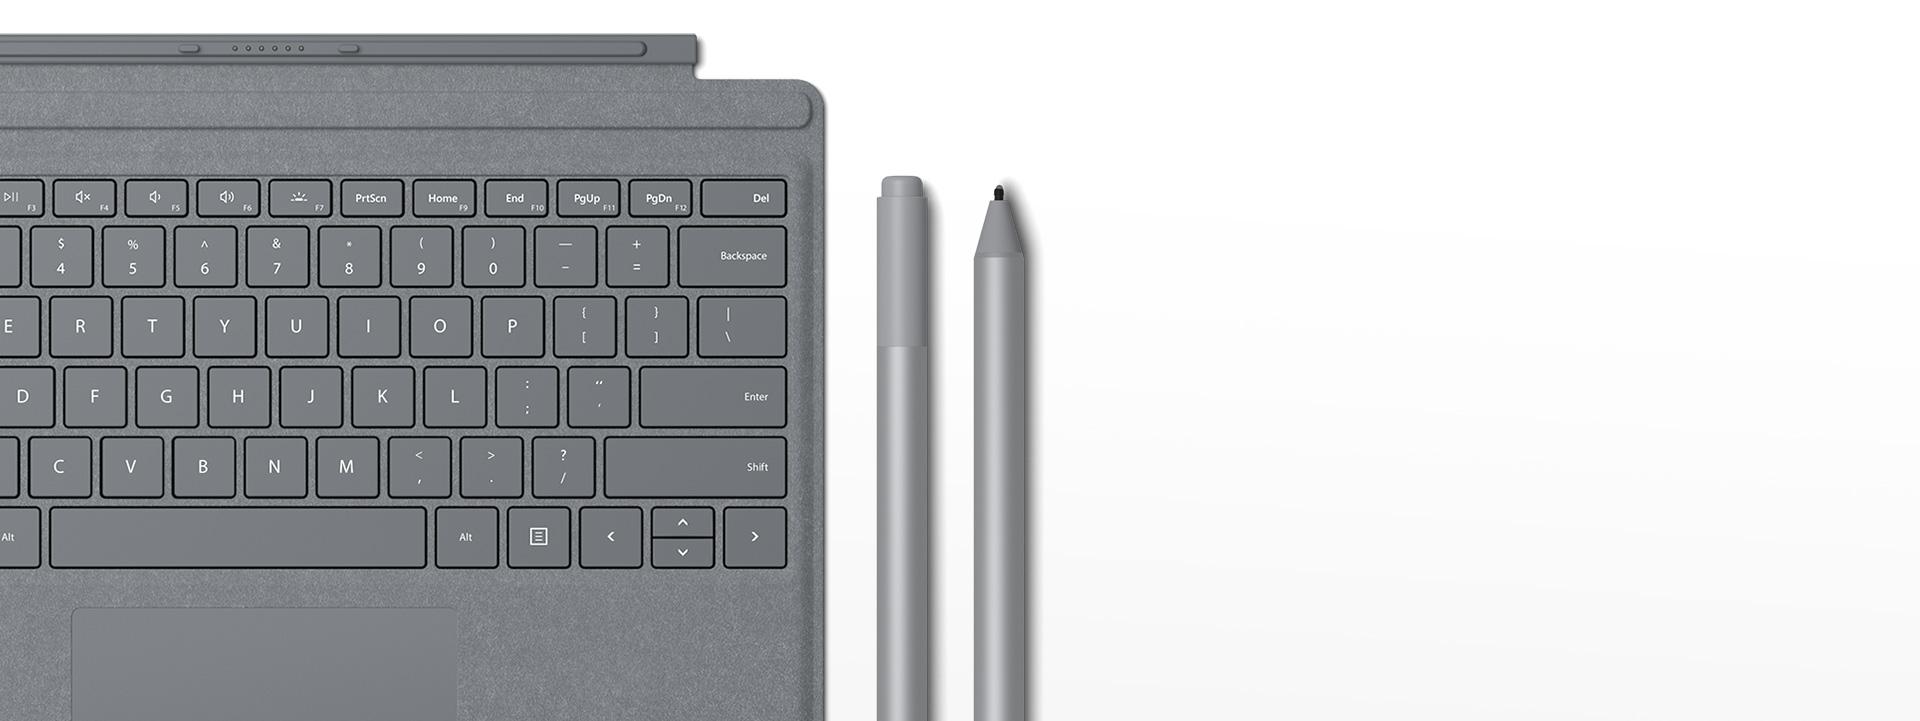 Type Cover สำหรับ Surface Pro, ปากกา Surface, ชุดหัวปากกา Surface